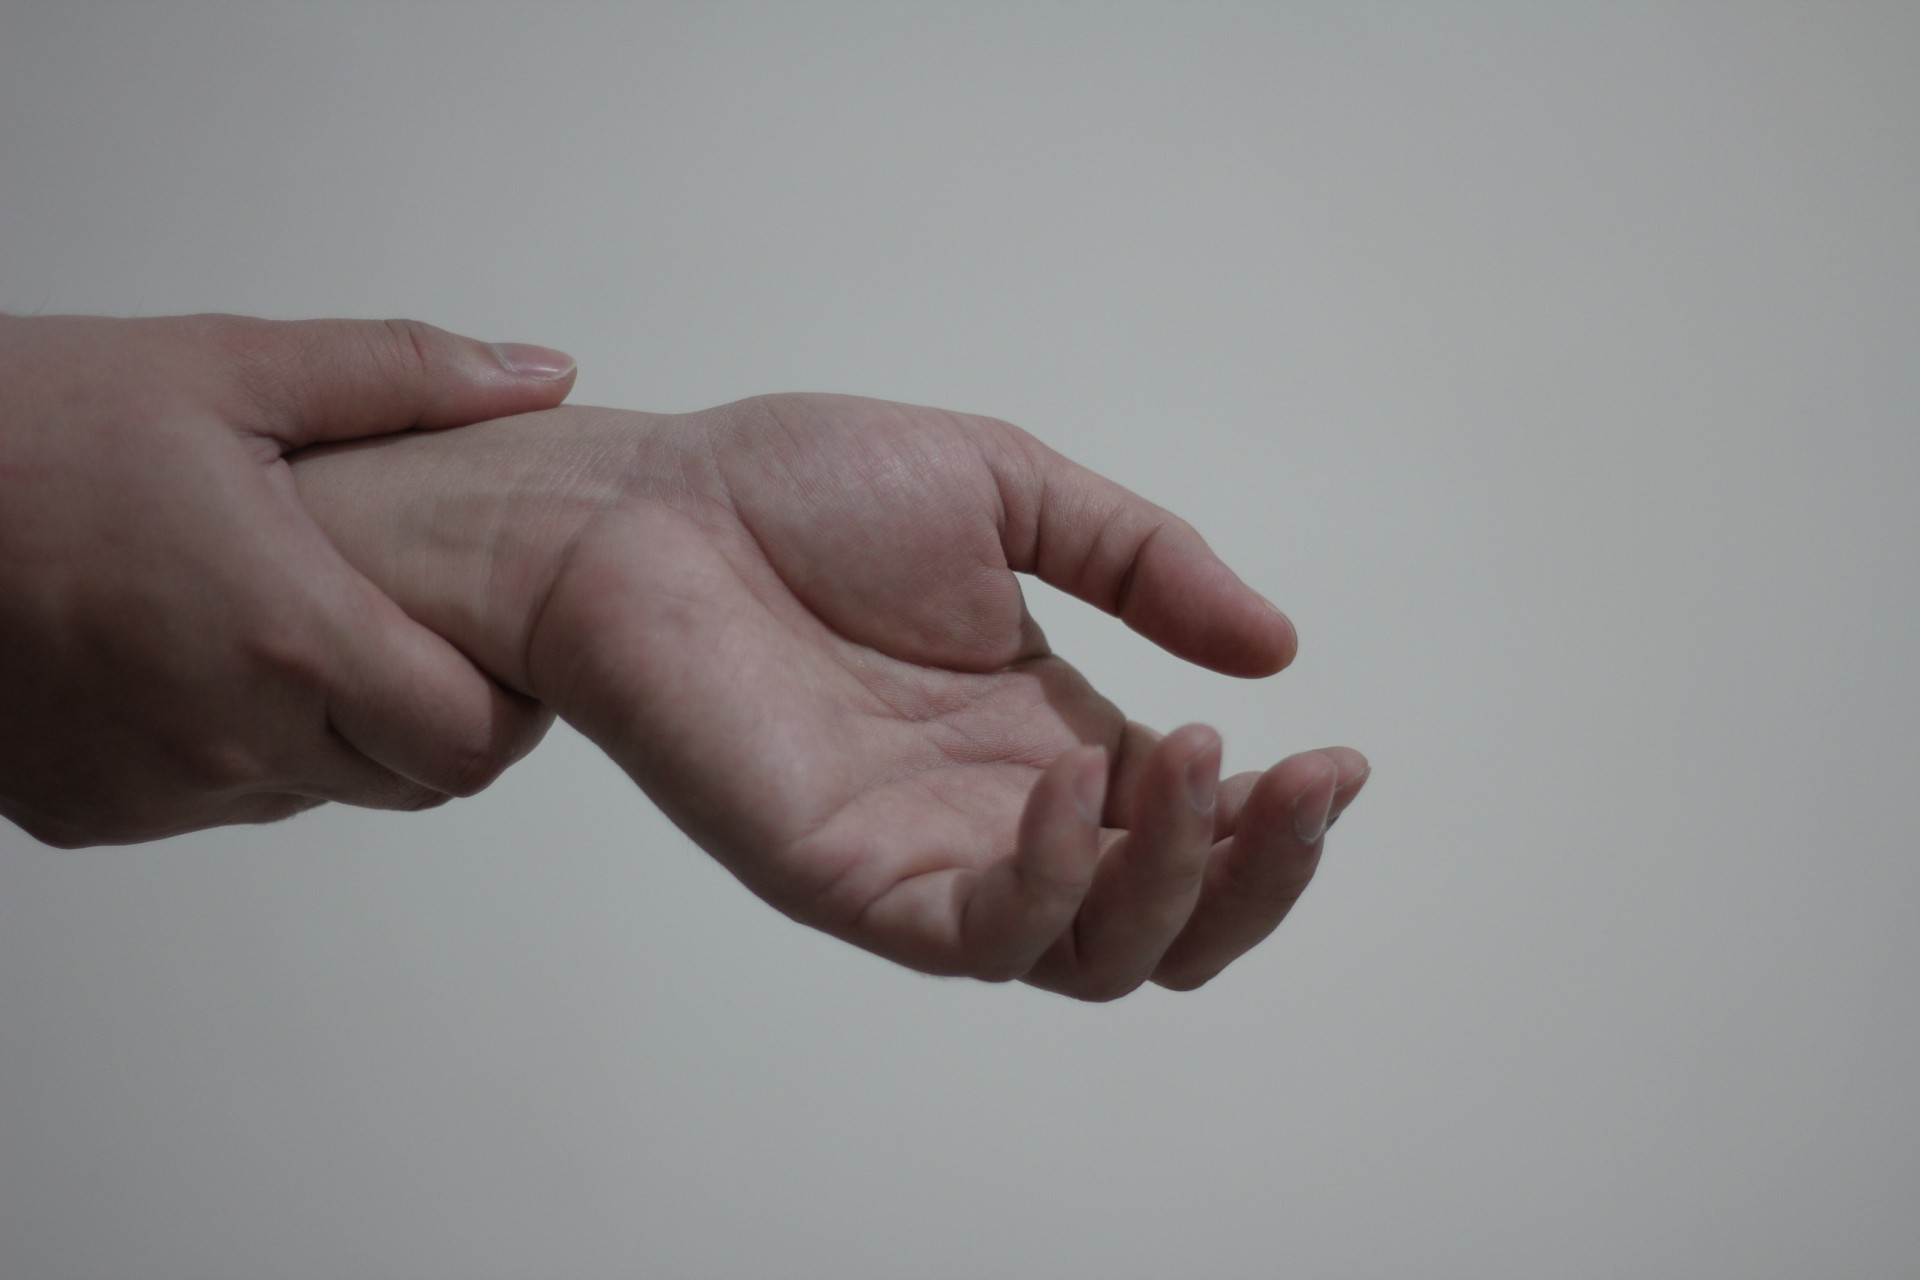 هل مرض الروماتيزم خطير